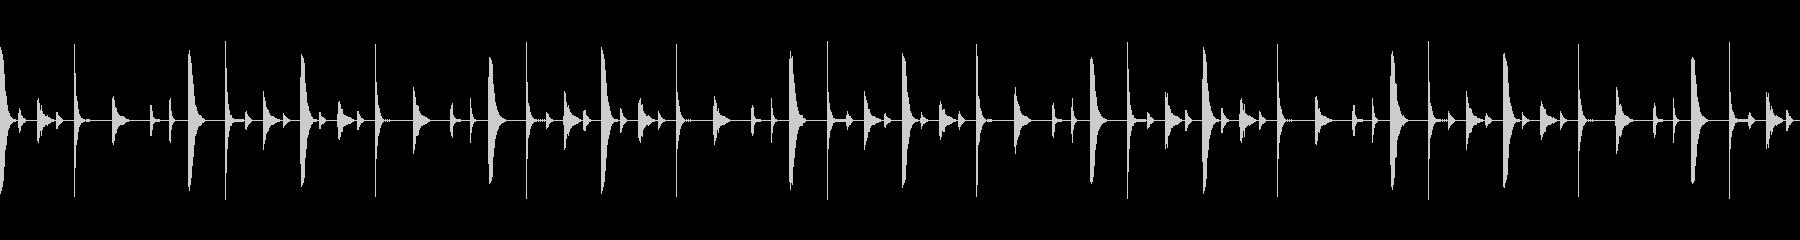 シンキングタイムに使えそうなループ素材の未再生の波形